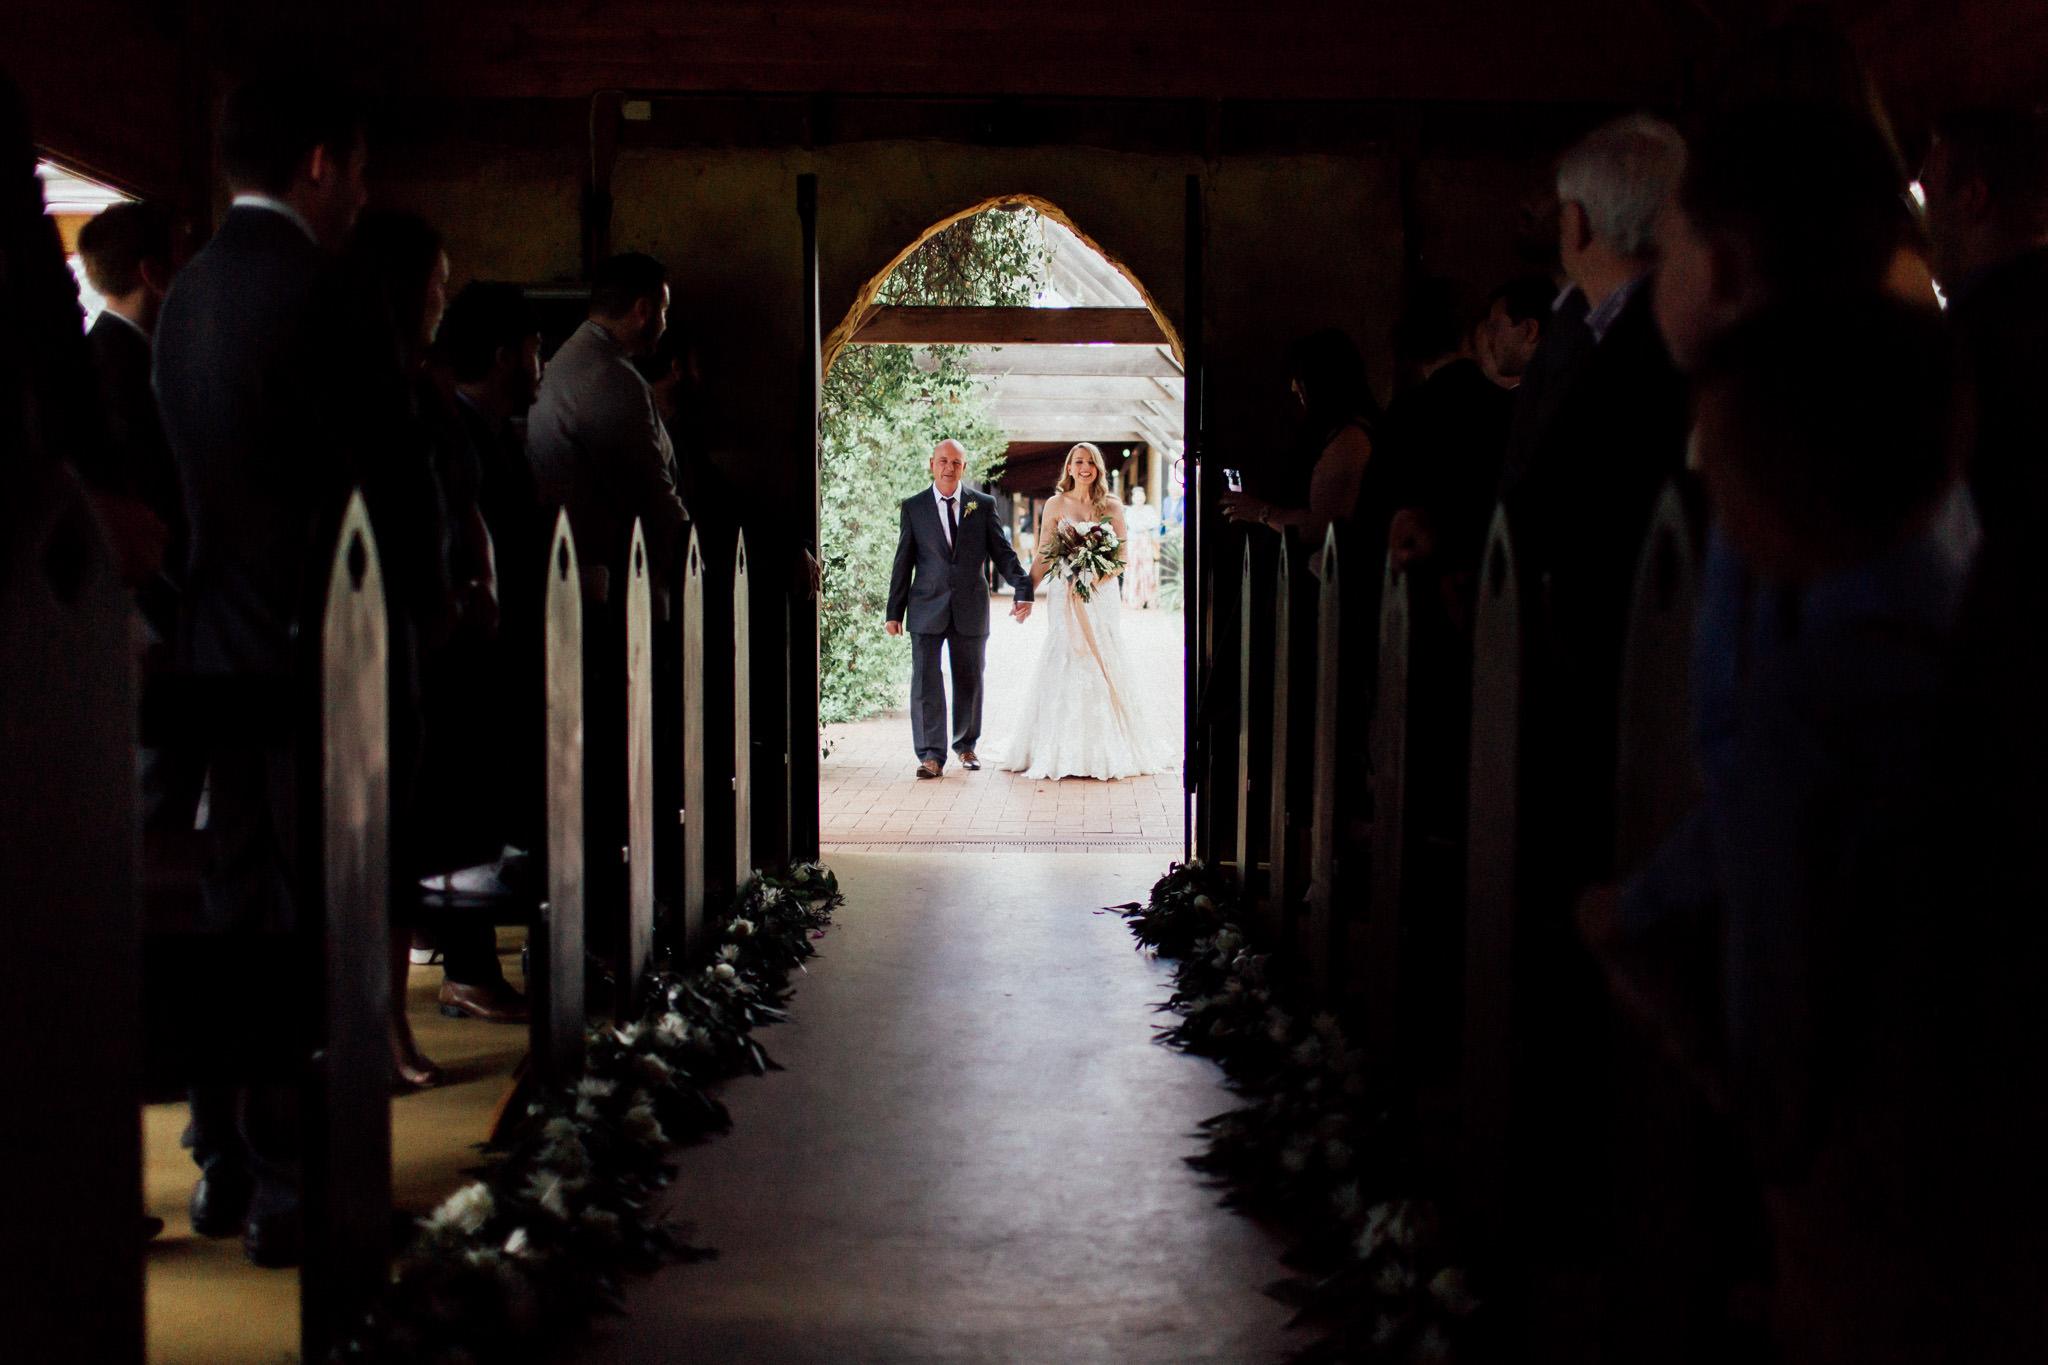 WeddingPhotos_Facebook_2048pixels-1033.jpg